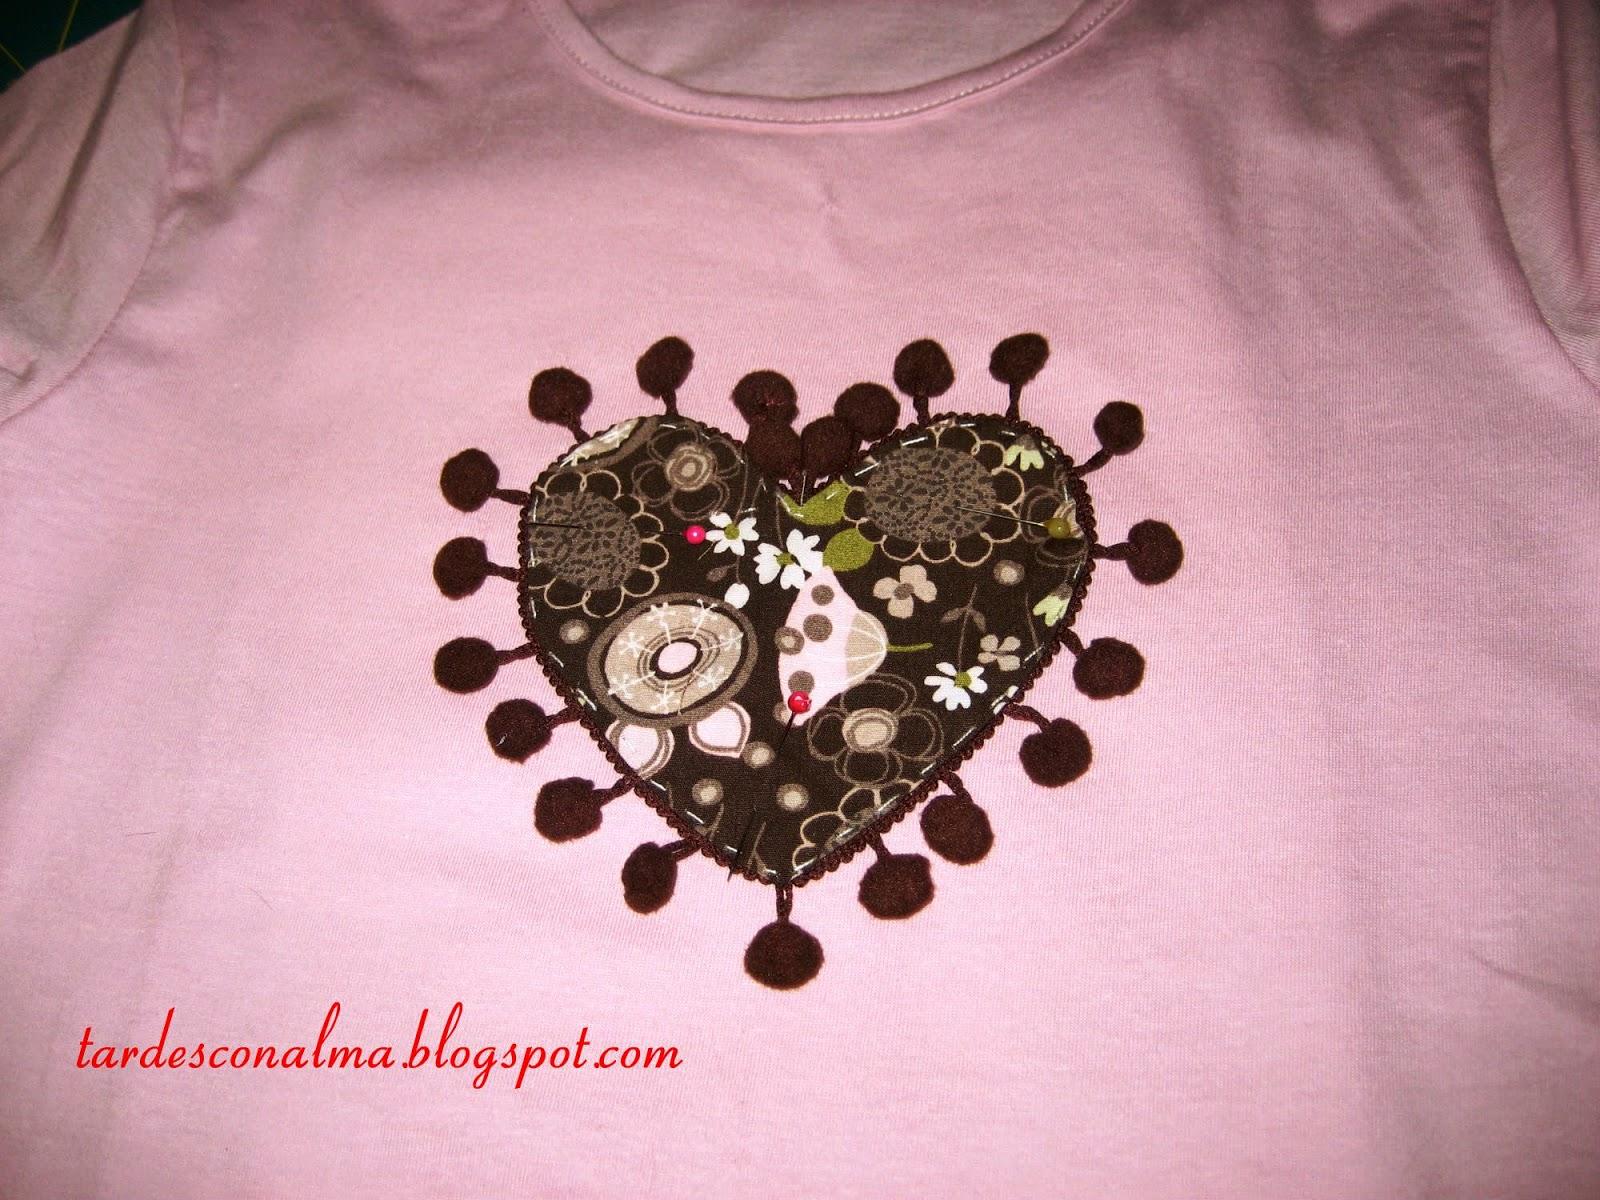 DIY, tutoriales, patchwork, tricot, calceta, recetas muy fáciles, etc